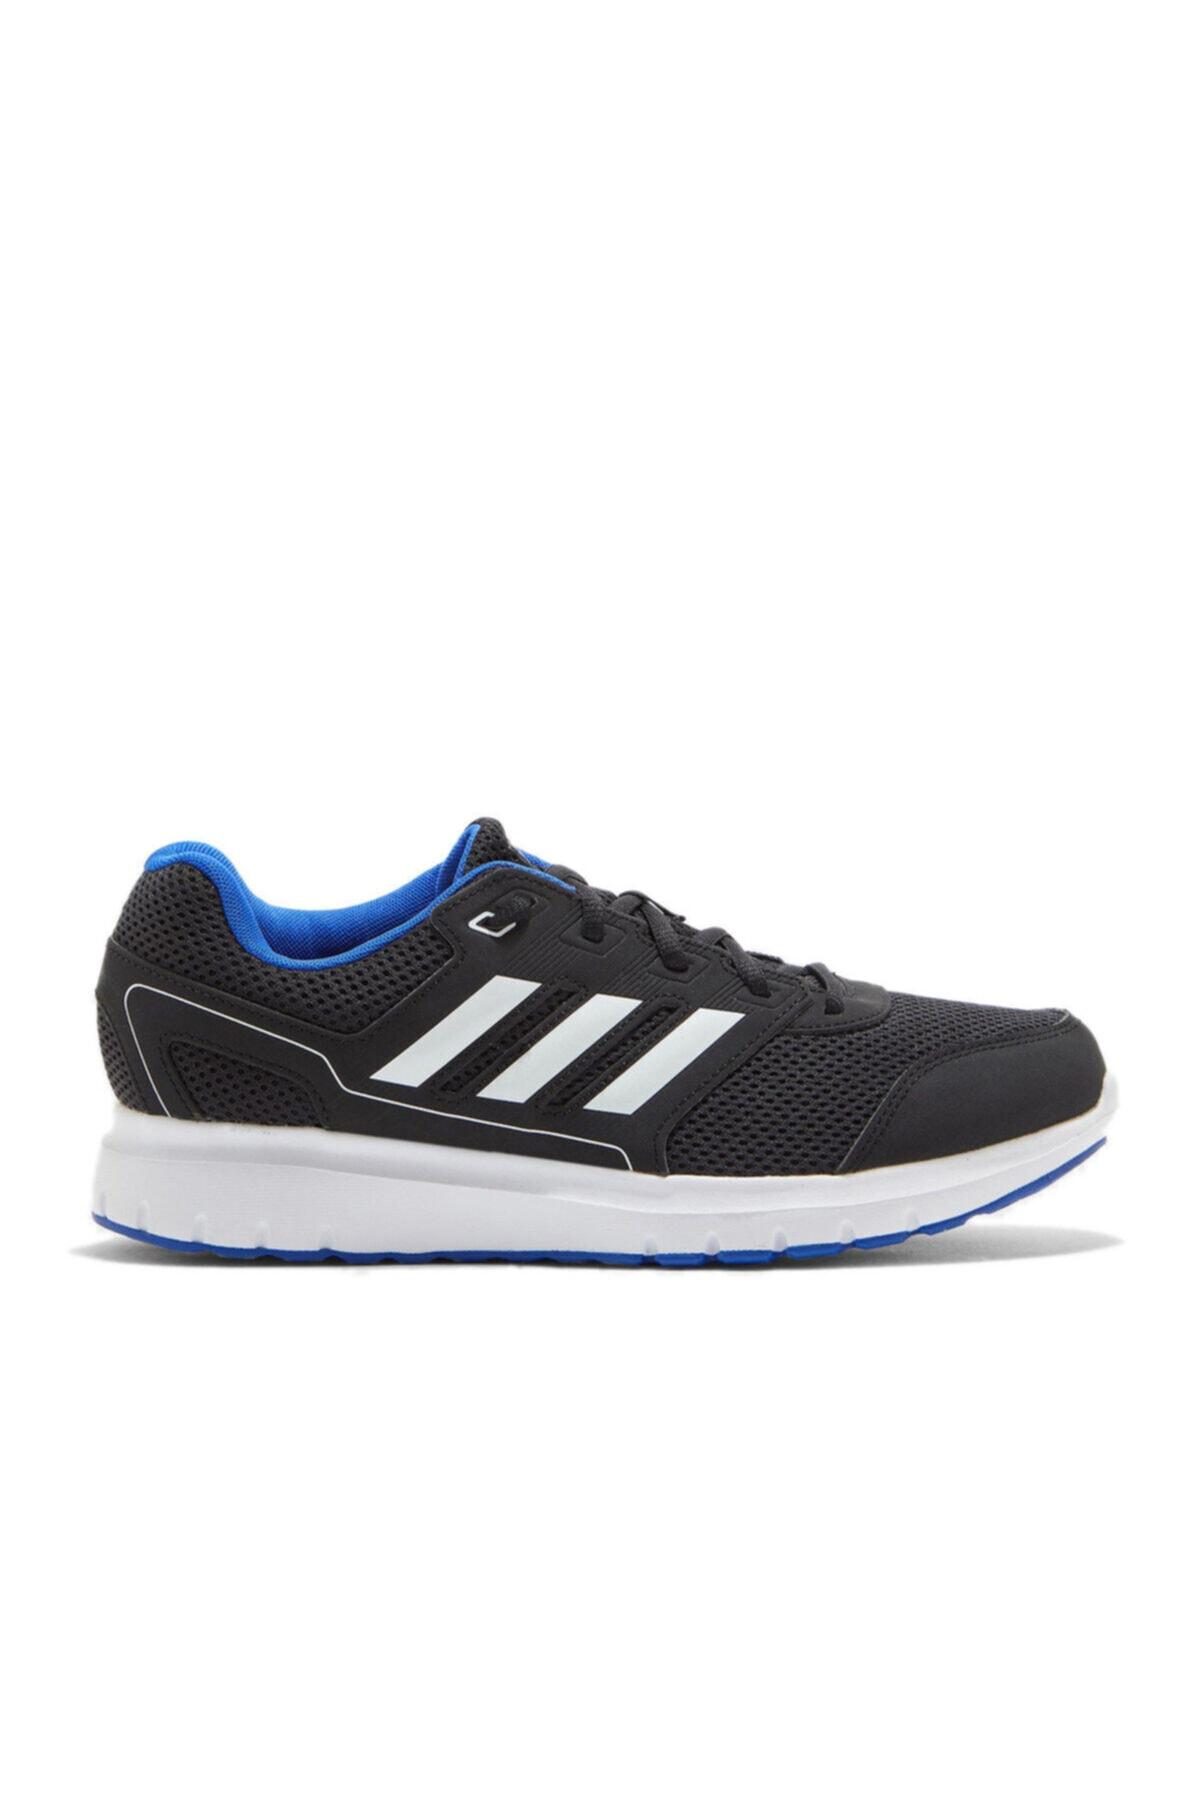 adidas DURAMO LITE 2.0 Siyah Erkek Koşu Ayakkabısı 100531396 1